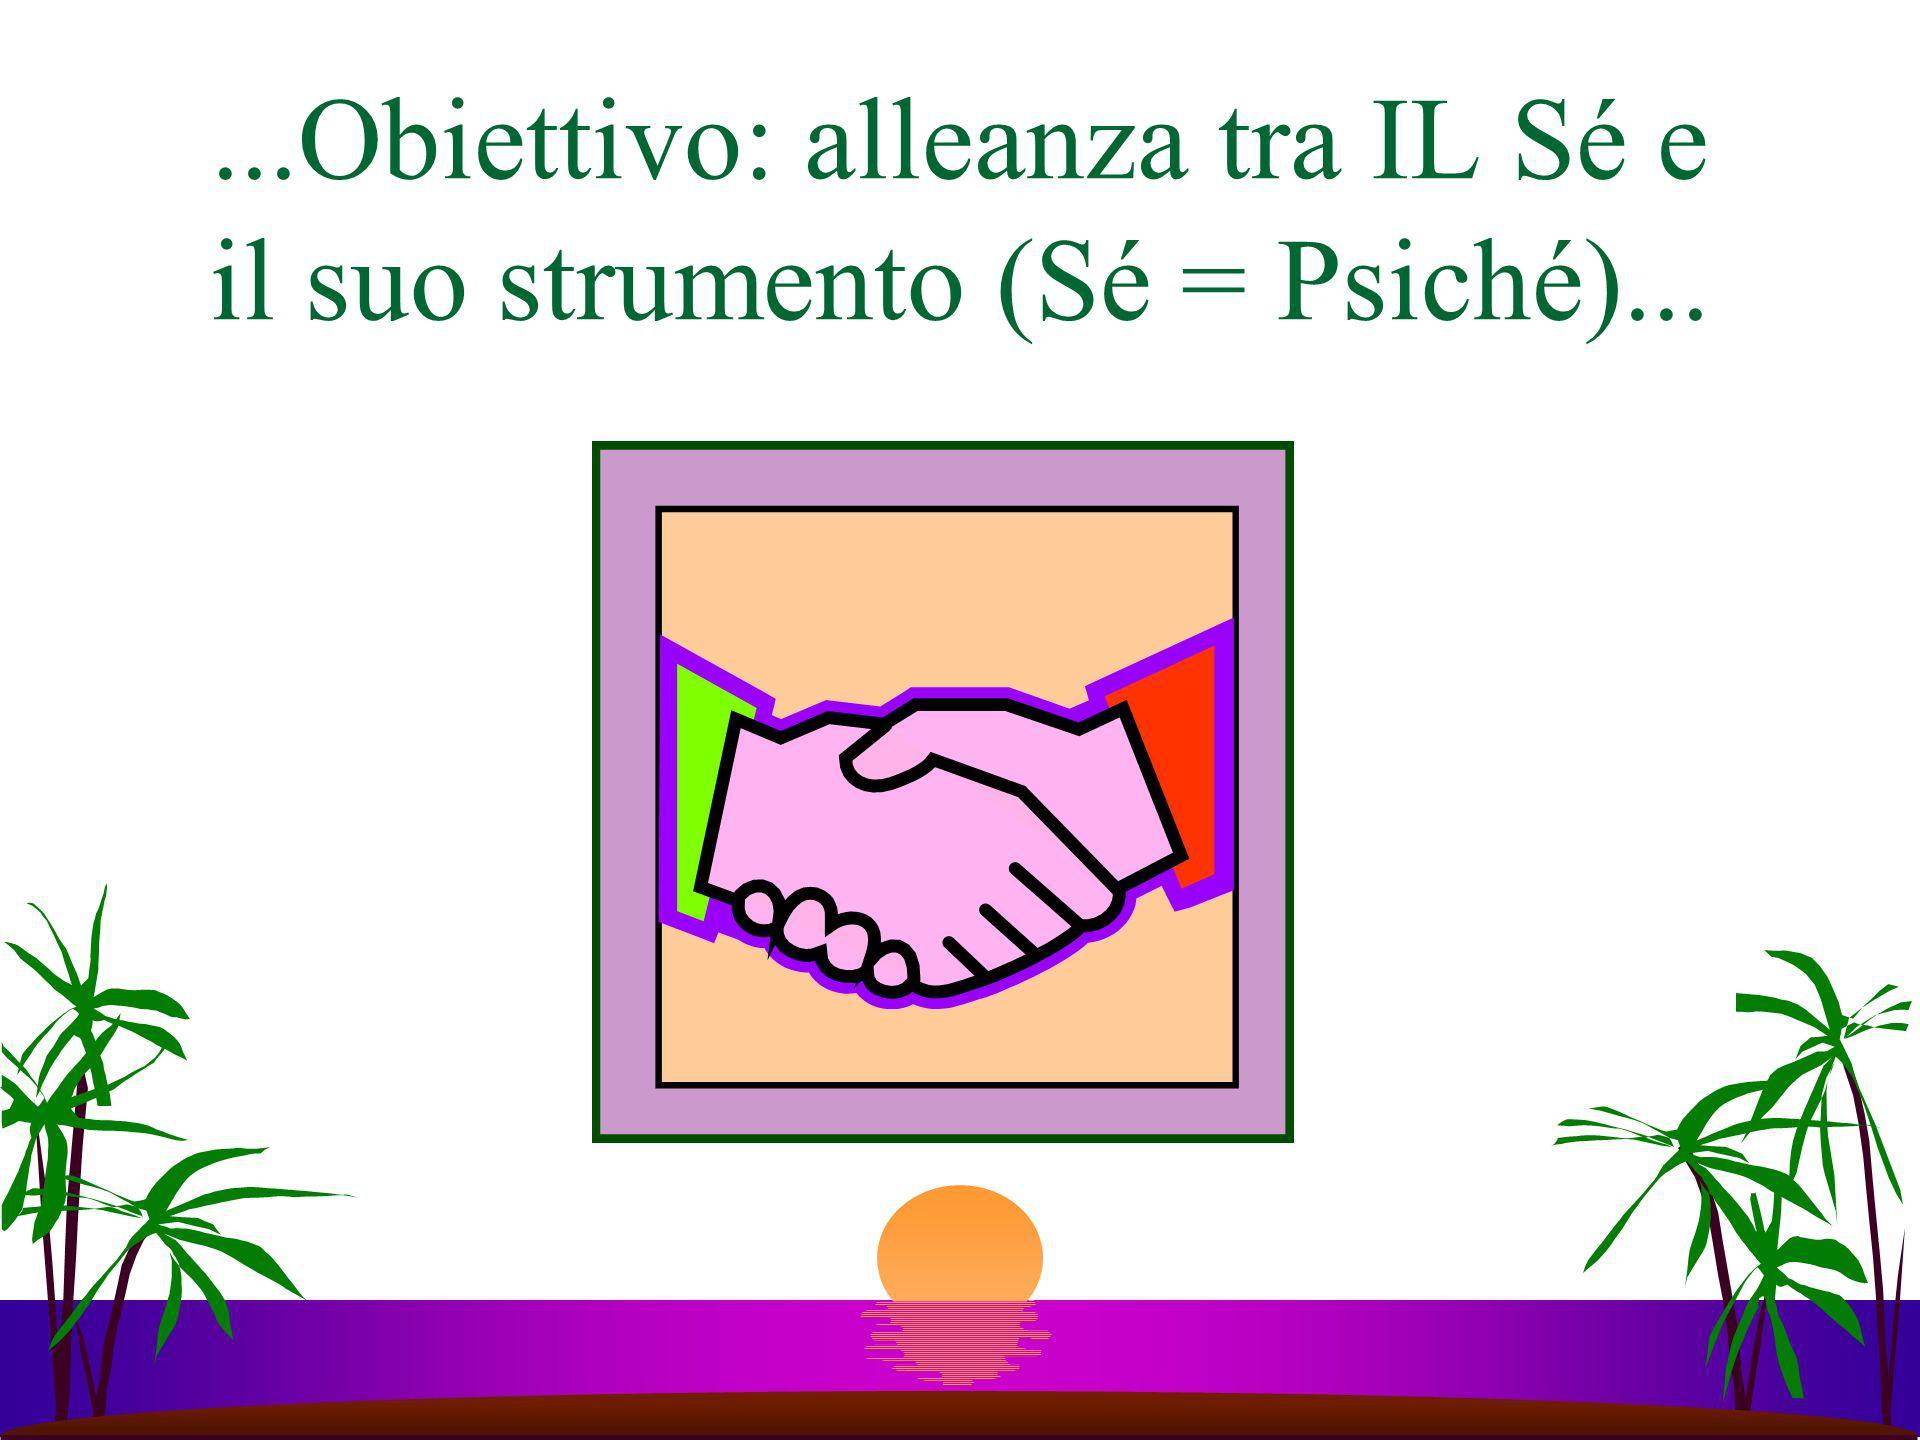 ...Obiettivo: alleanza tra IL Sé e il suo strumento (Sé = Psiché)...